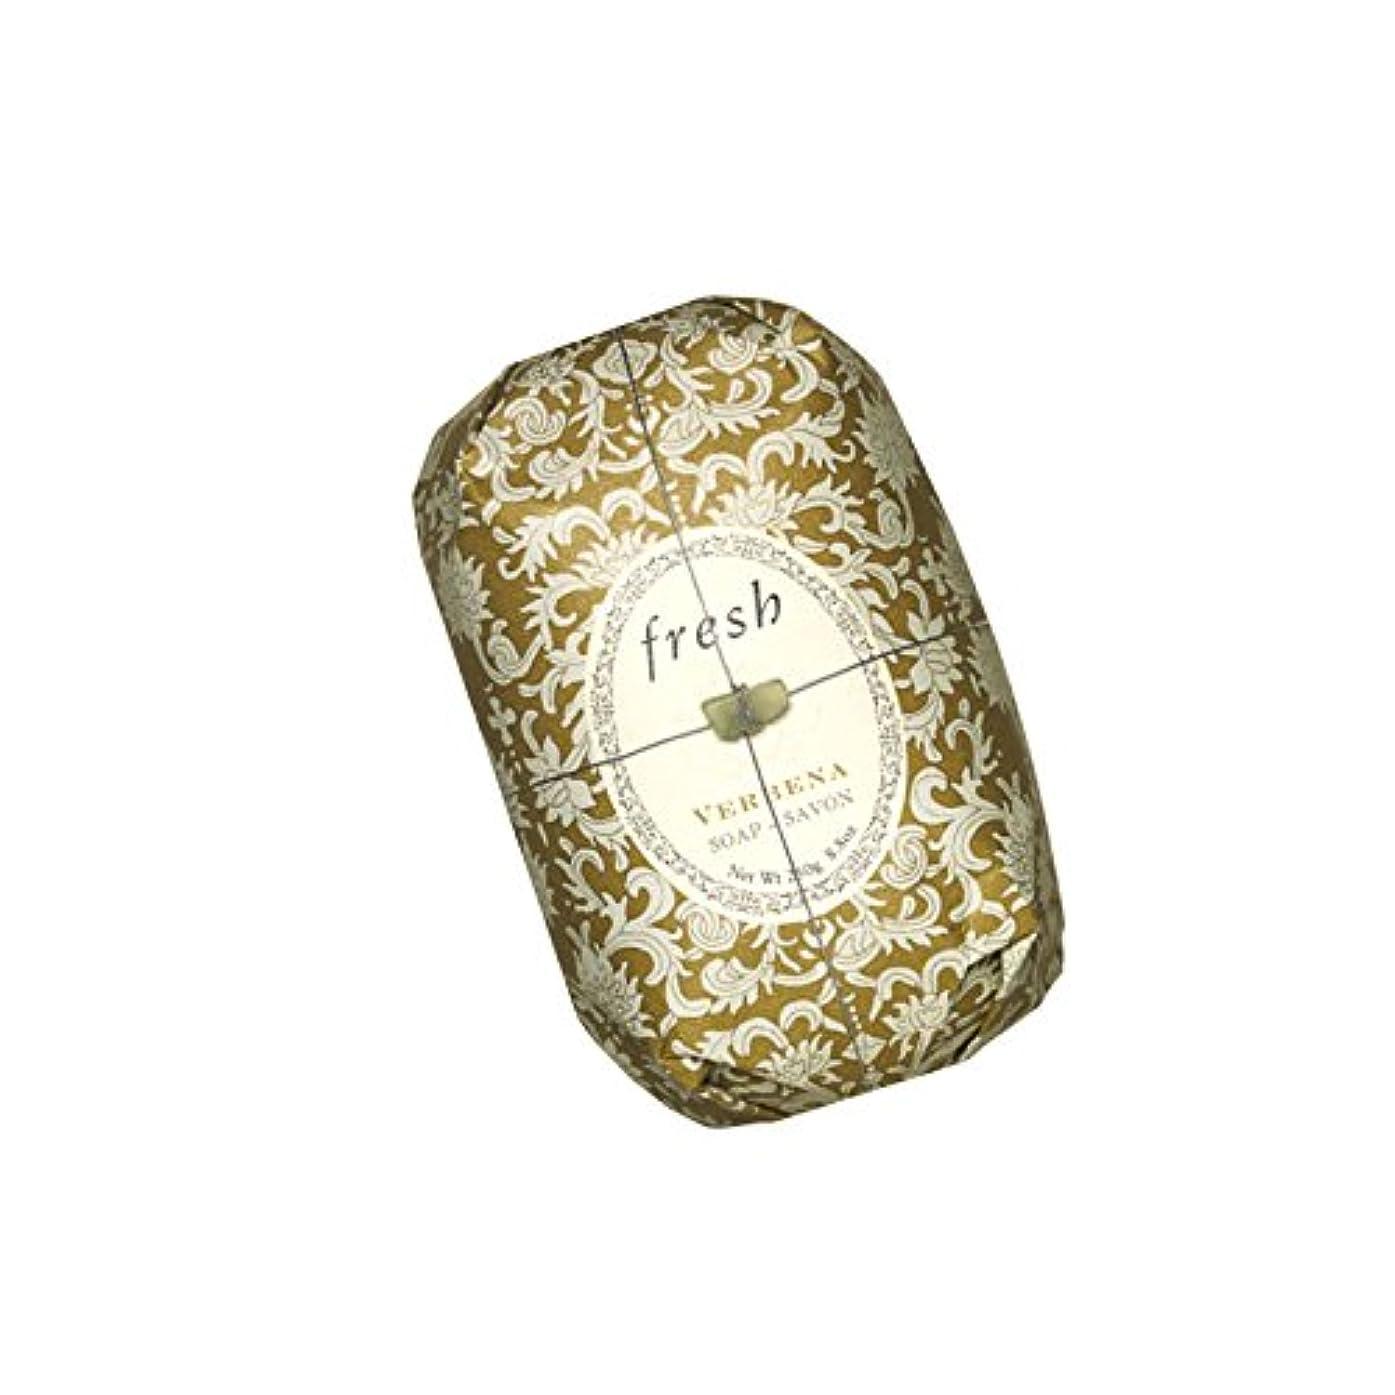 ページフォーム手順Fresh フレッシュ Verbena Soap 石鹸, 250g/8.8oz. [海外直送品] [並行輸入品]